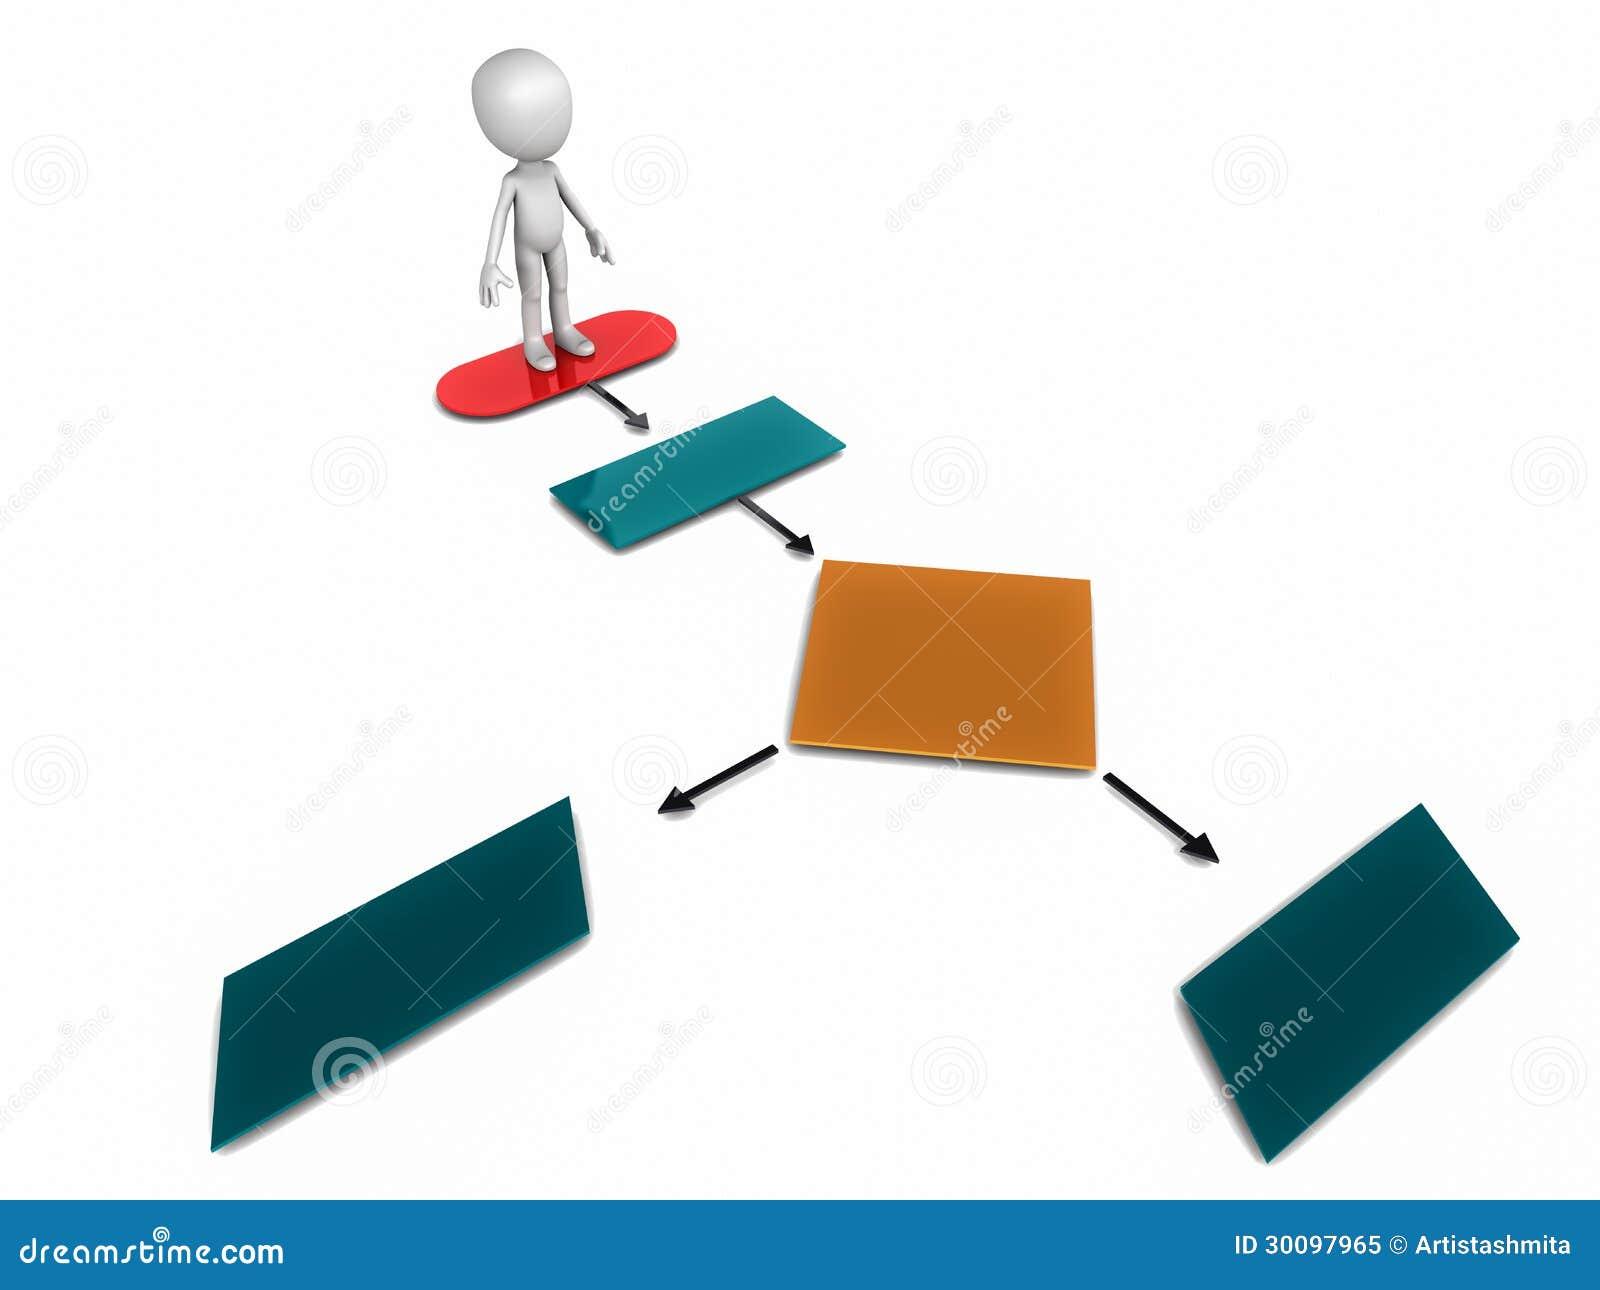 业务流程流程图